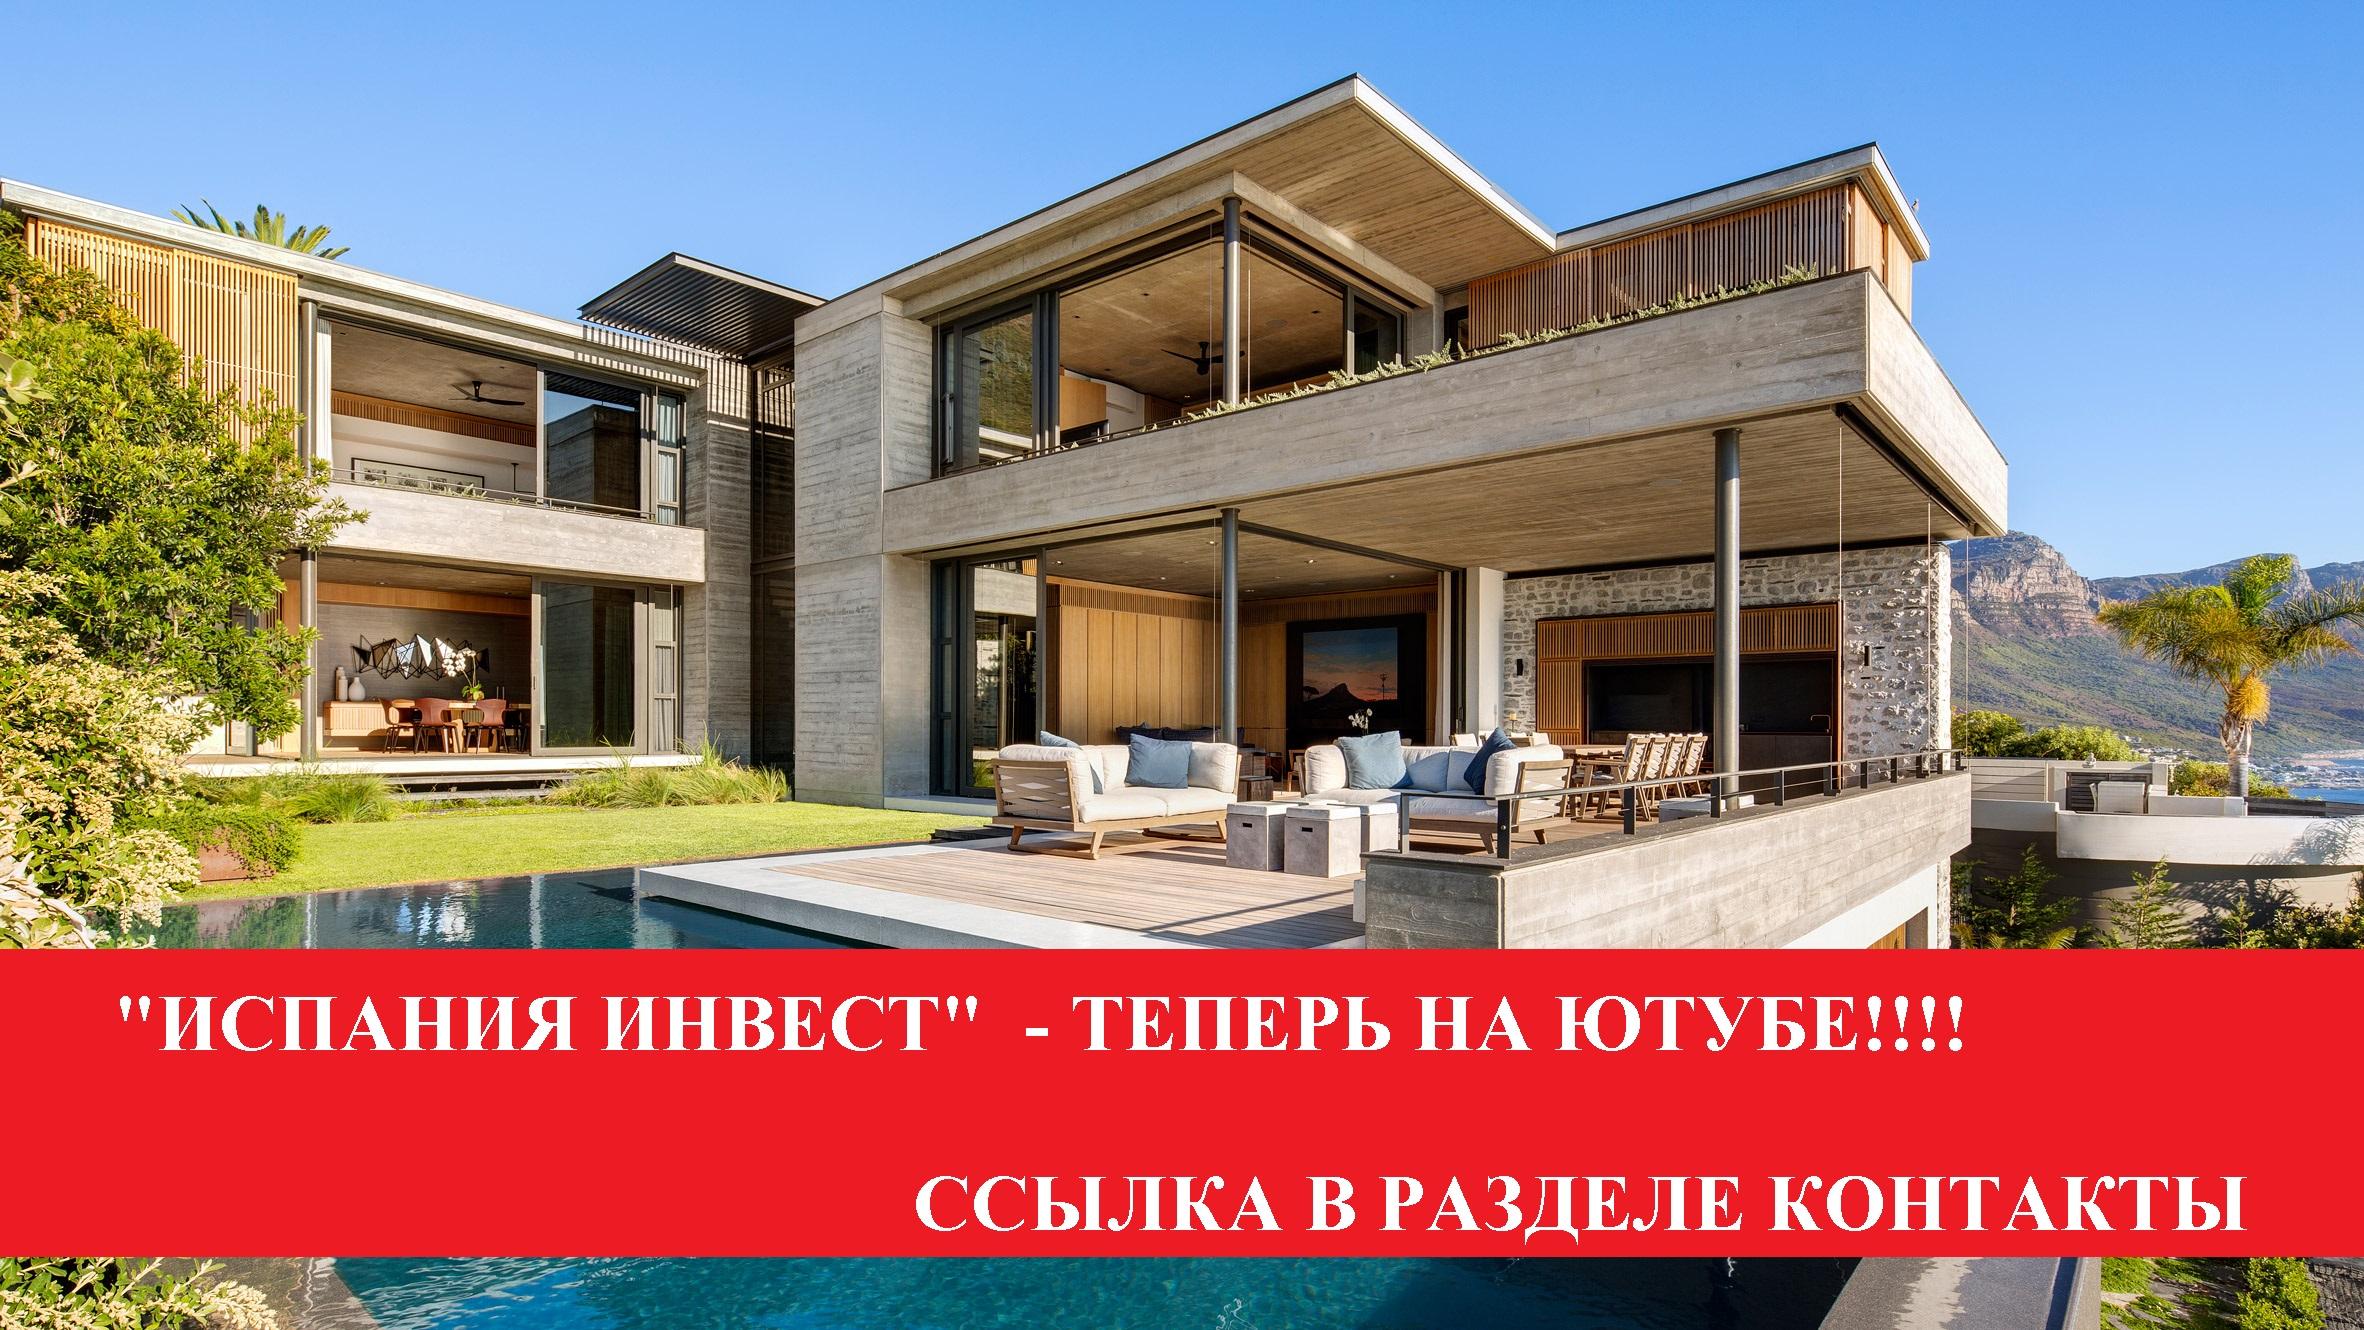 Покупка недвижимости в испании валенсия путёвка в дубай цена 2016 все включено